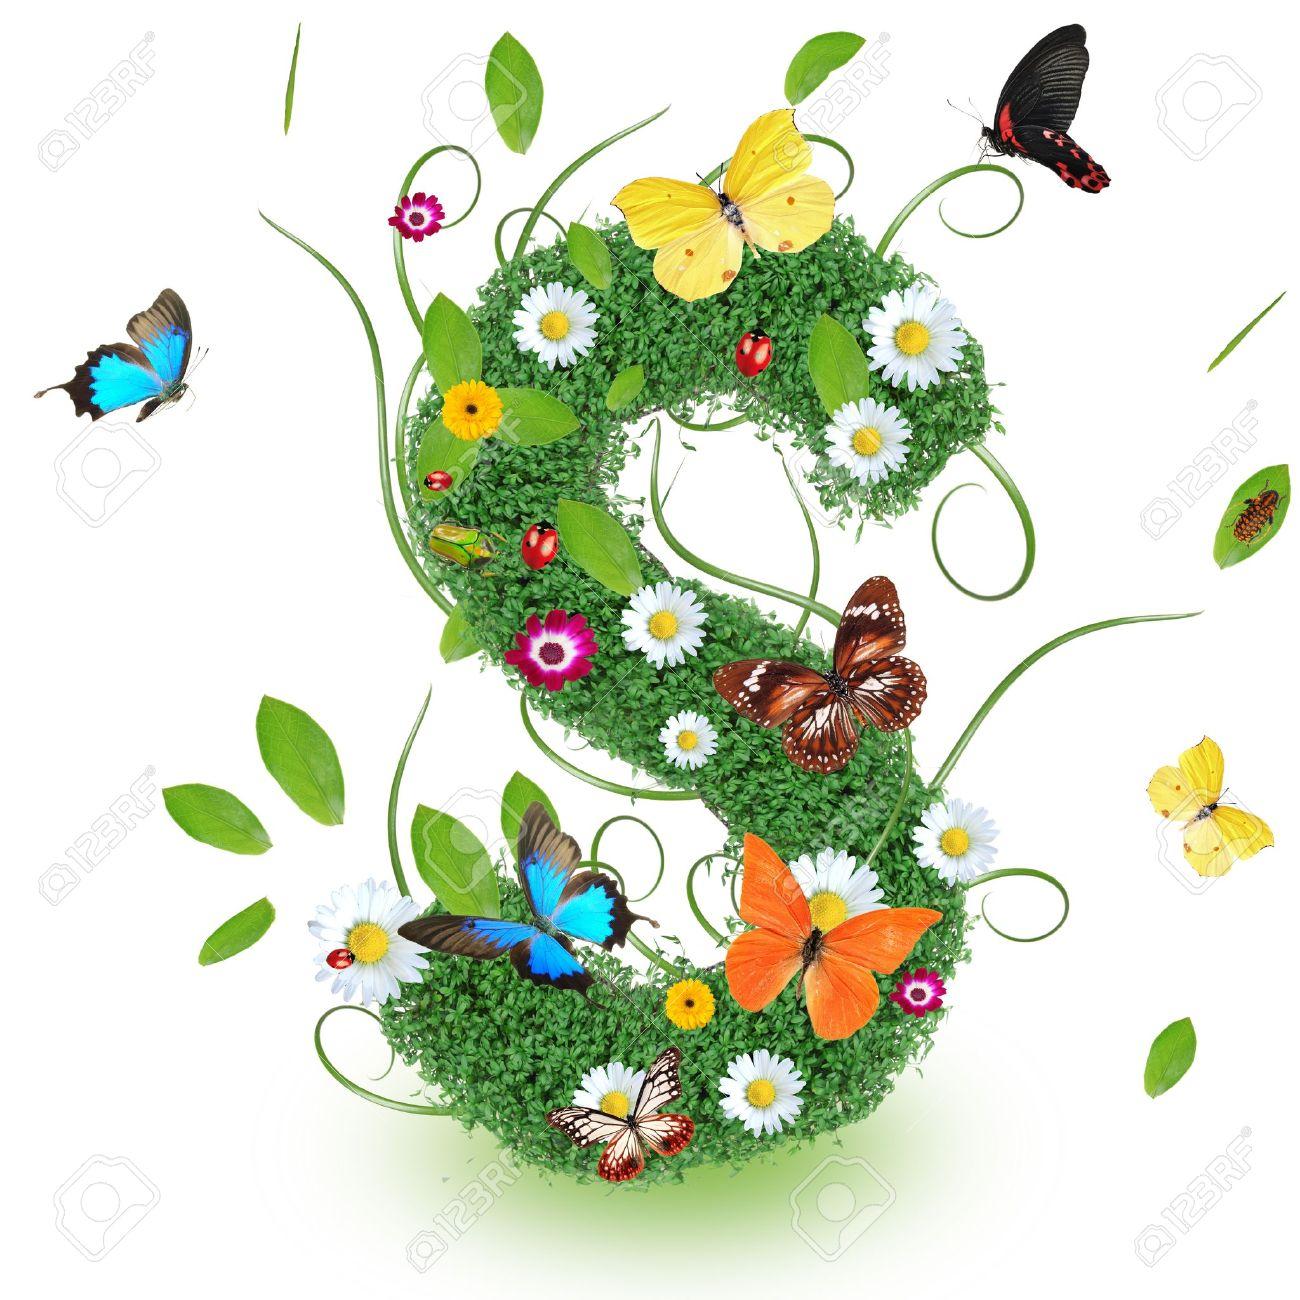 美しい春の手紙 s ロイヤリティーフリーフォト ピクチャー 画像